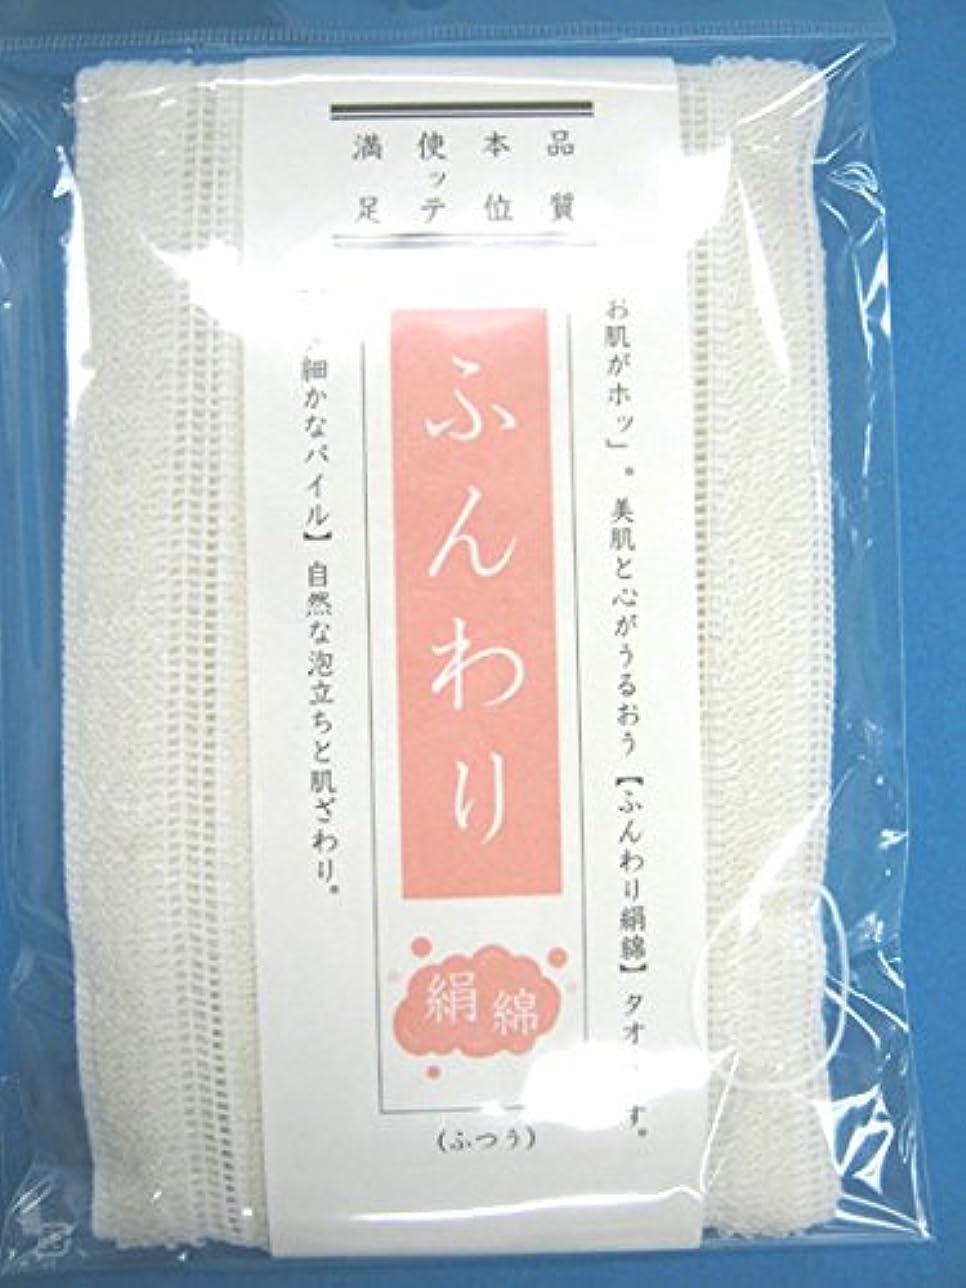 レパートリーディレクトリ登録ふんわりタオル 【ふんわり絹綿】(ふつう)